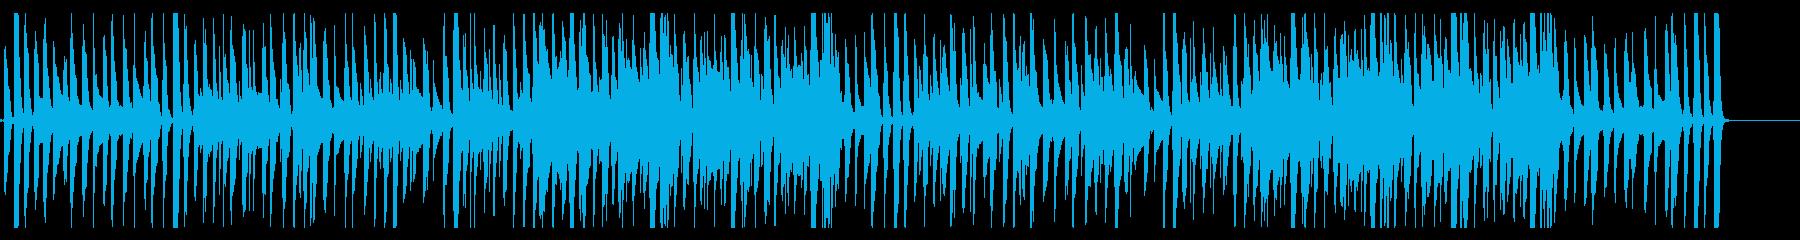 アコギとピアノのカントリーラグタイム♪の再生済みの波形